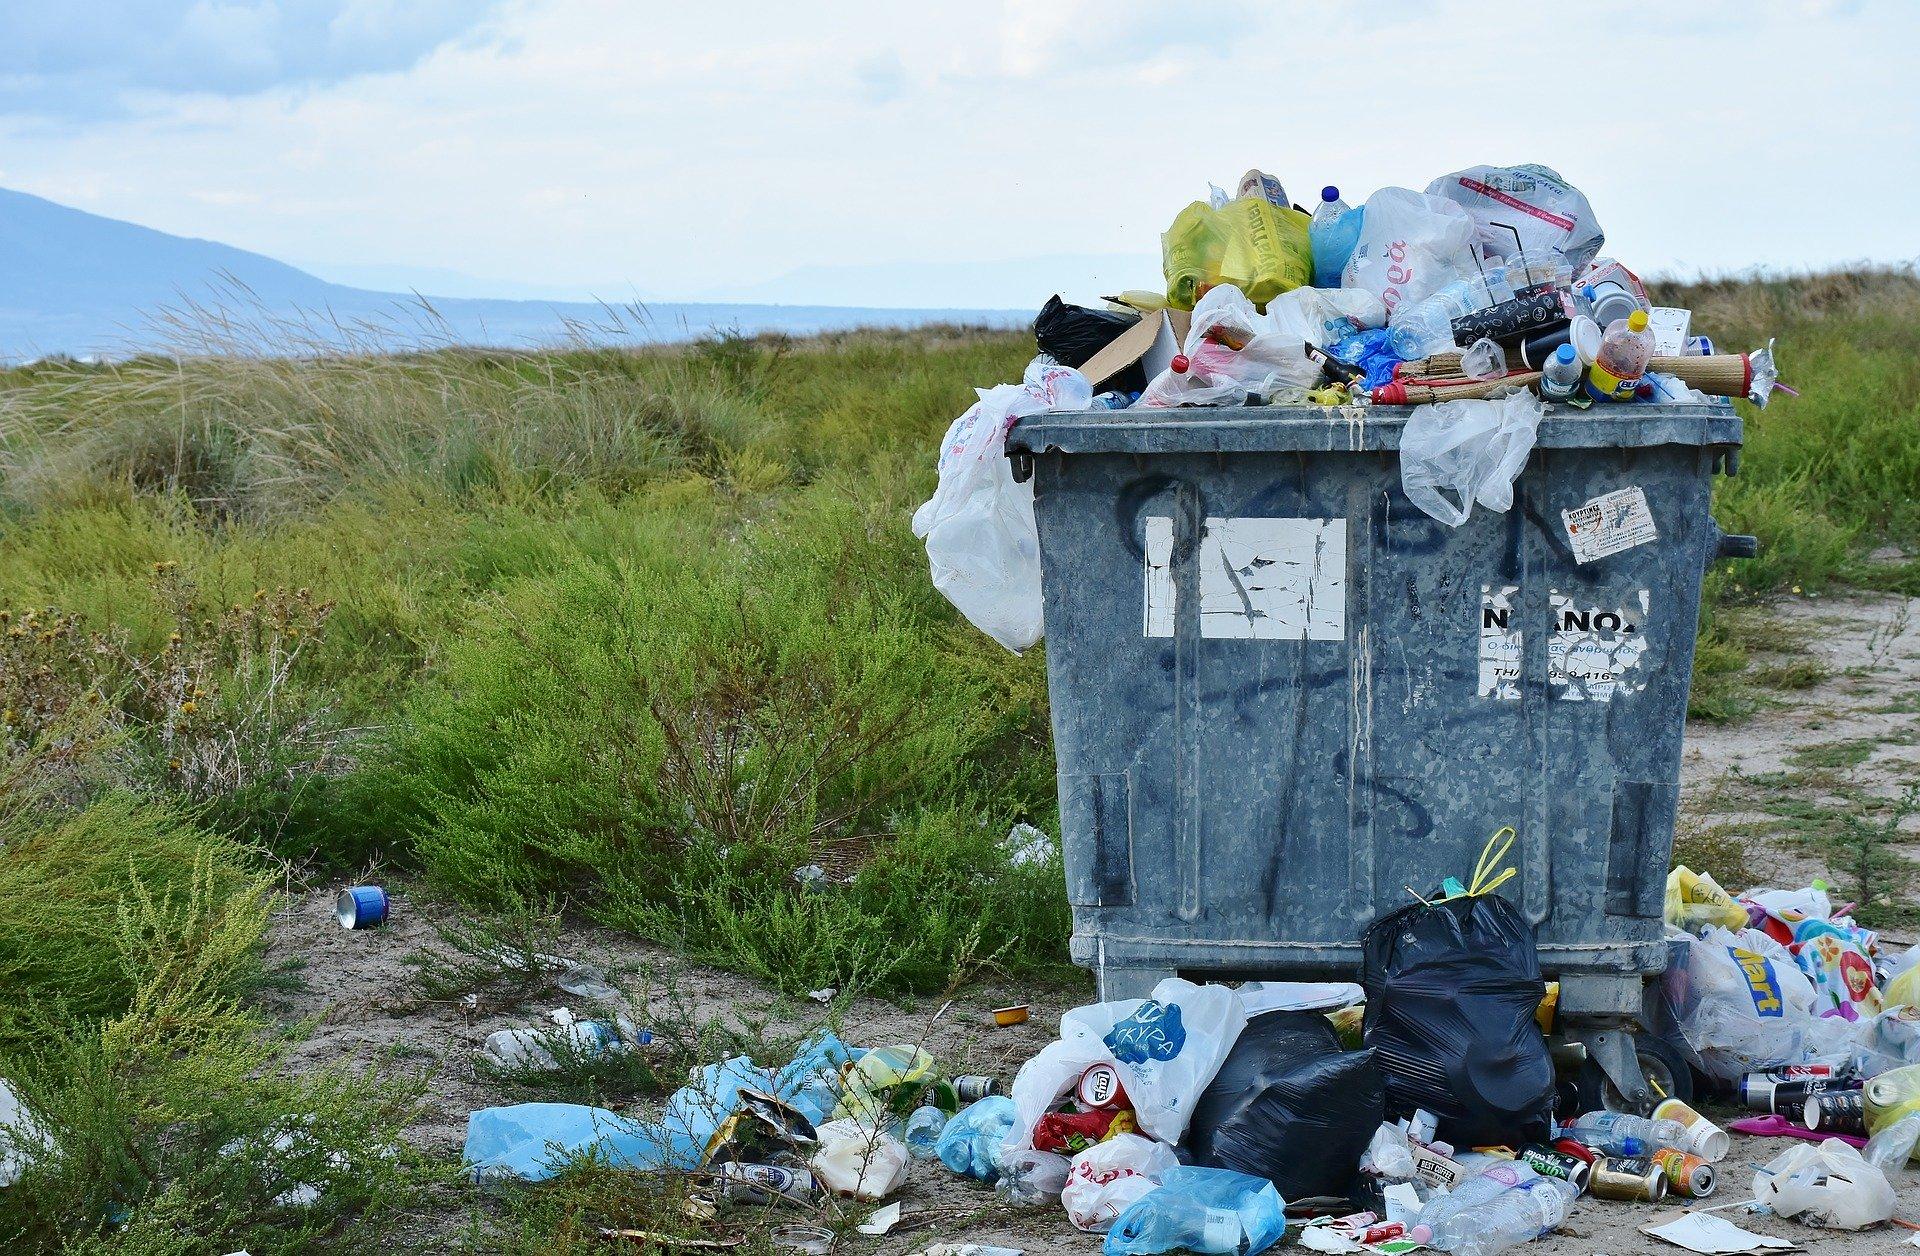 Poubelle saturée de déchets domestiques. Gâchis écologique. Comment réduire ses déchets ?